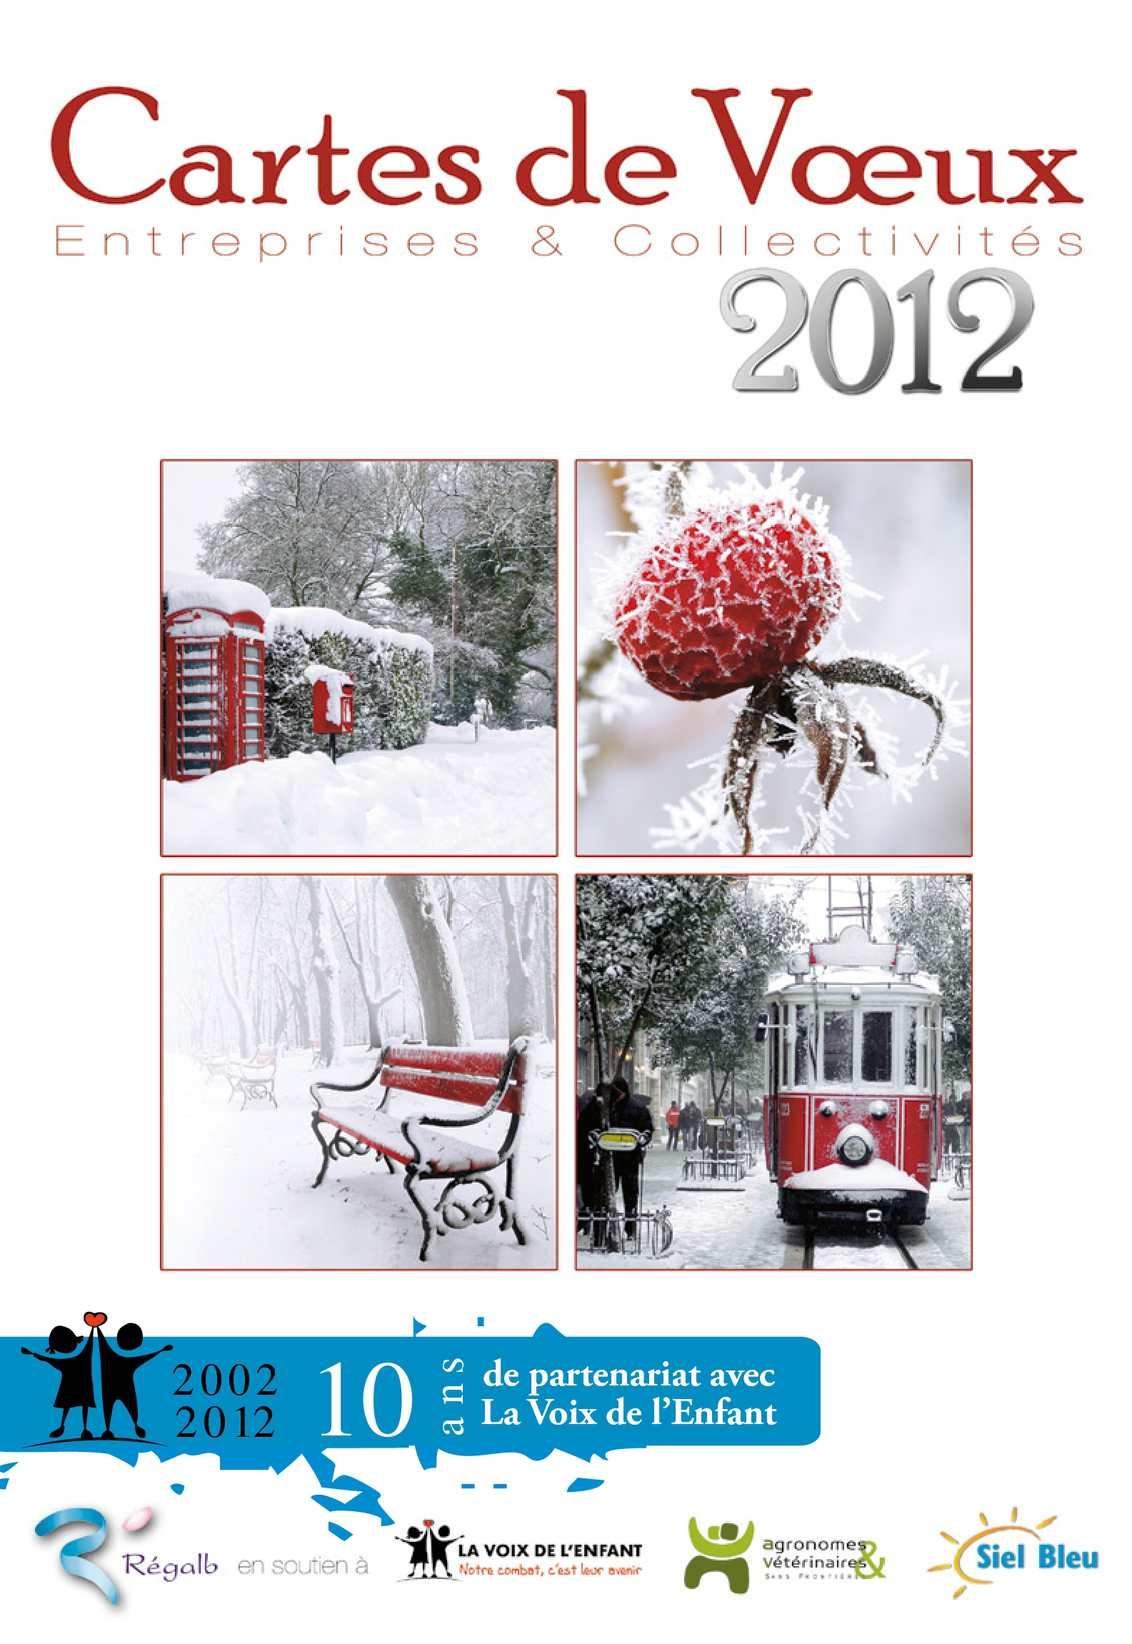 Cartes de voeux 2012 pour entreprises et collectivités